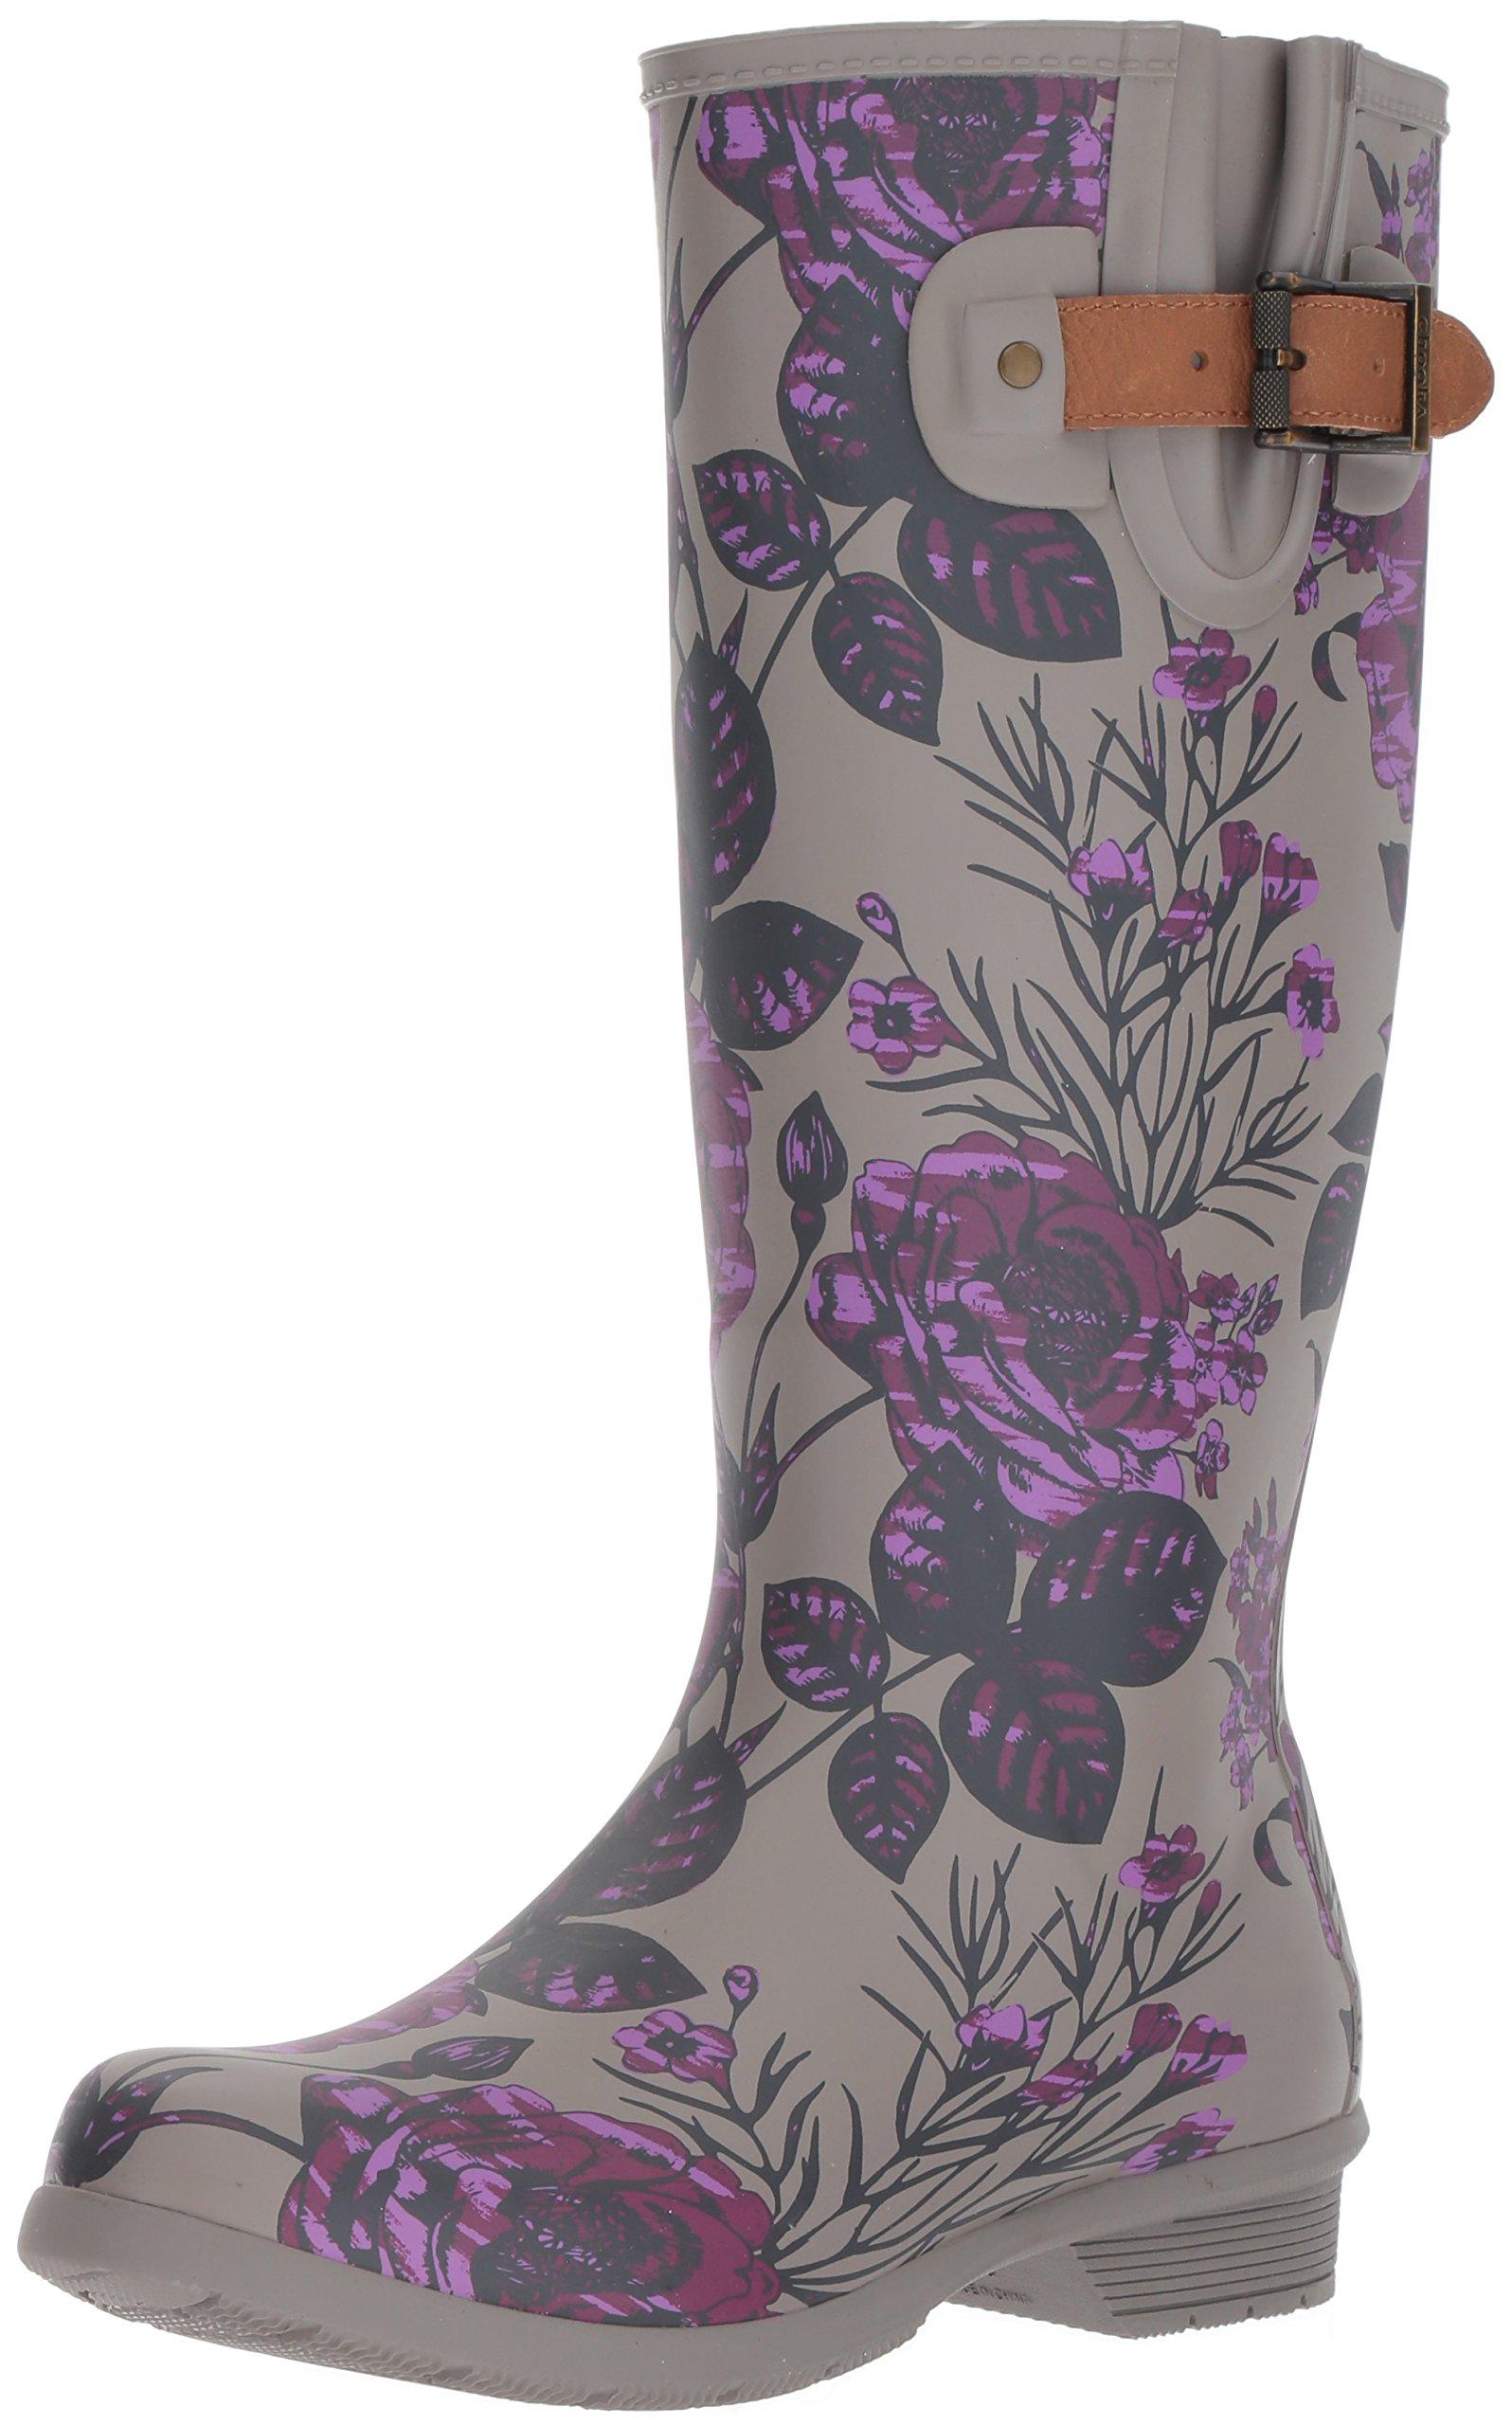 Chooka Women's Tall Memory Foam Rain Boot, Hattie, 6 M US